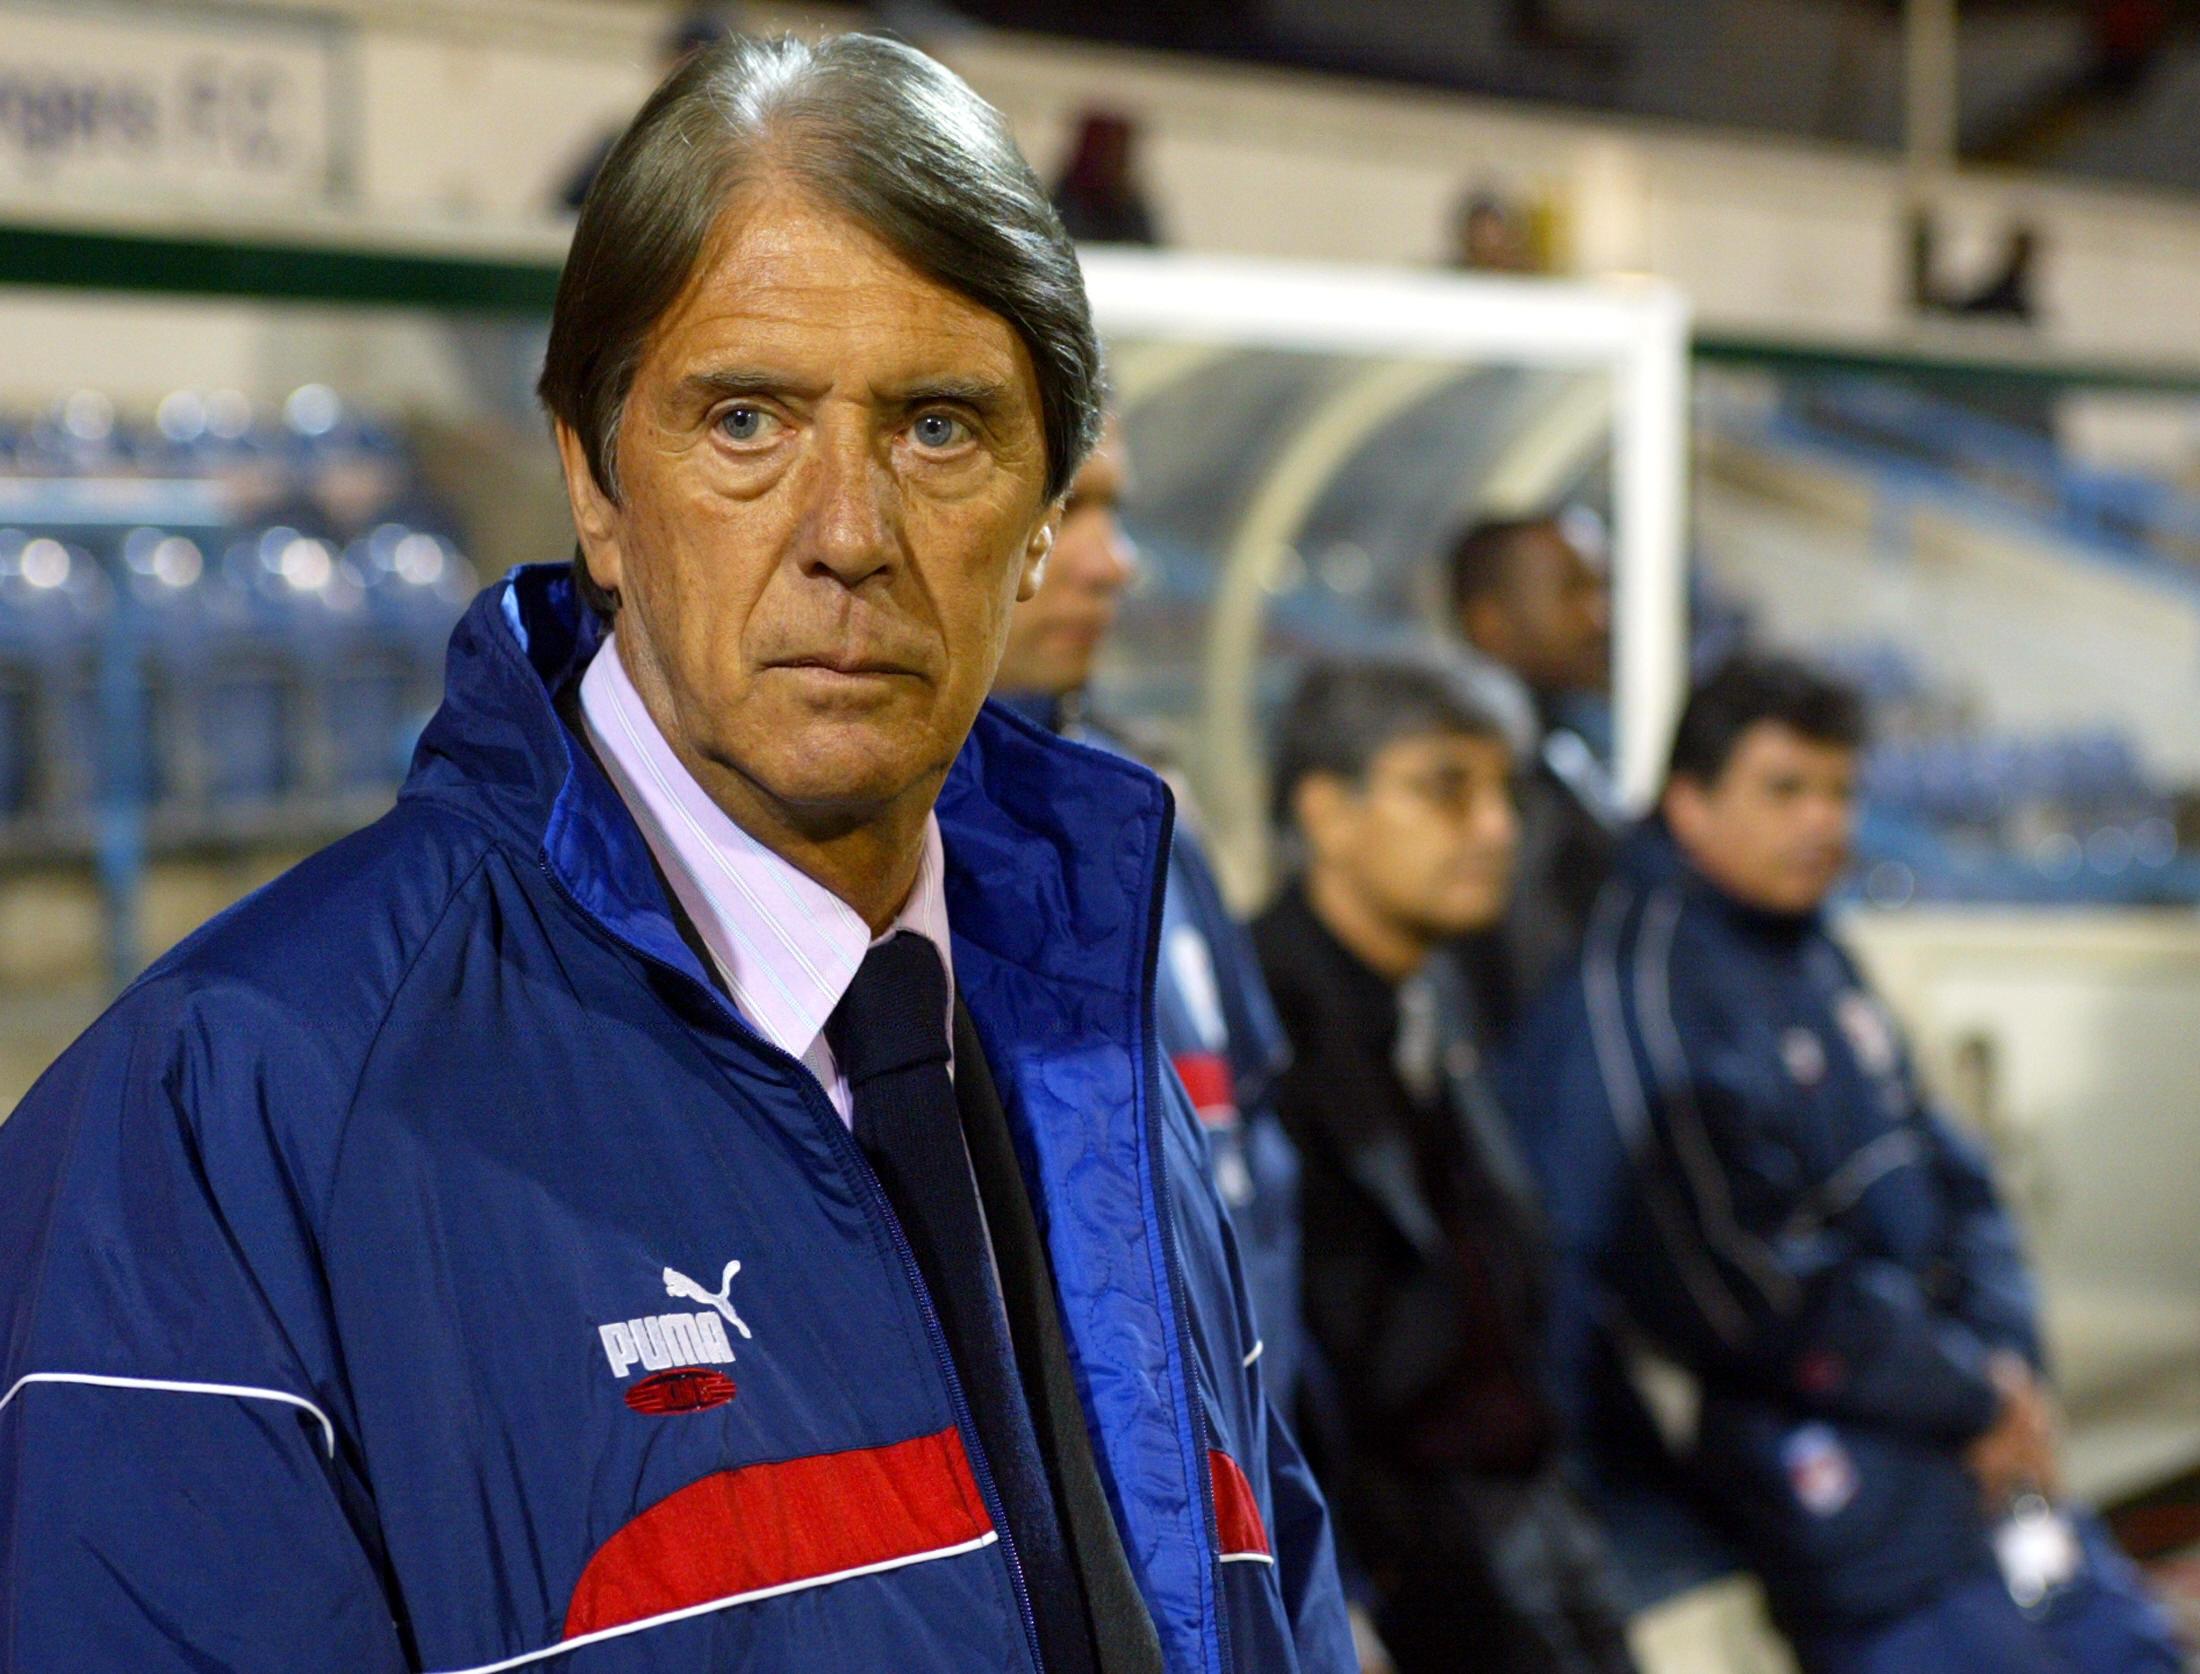 Lutto nel mondo del calcio: è morto Cesare Maldini